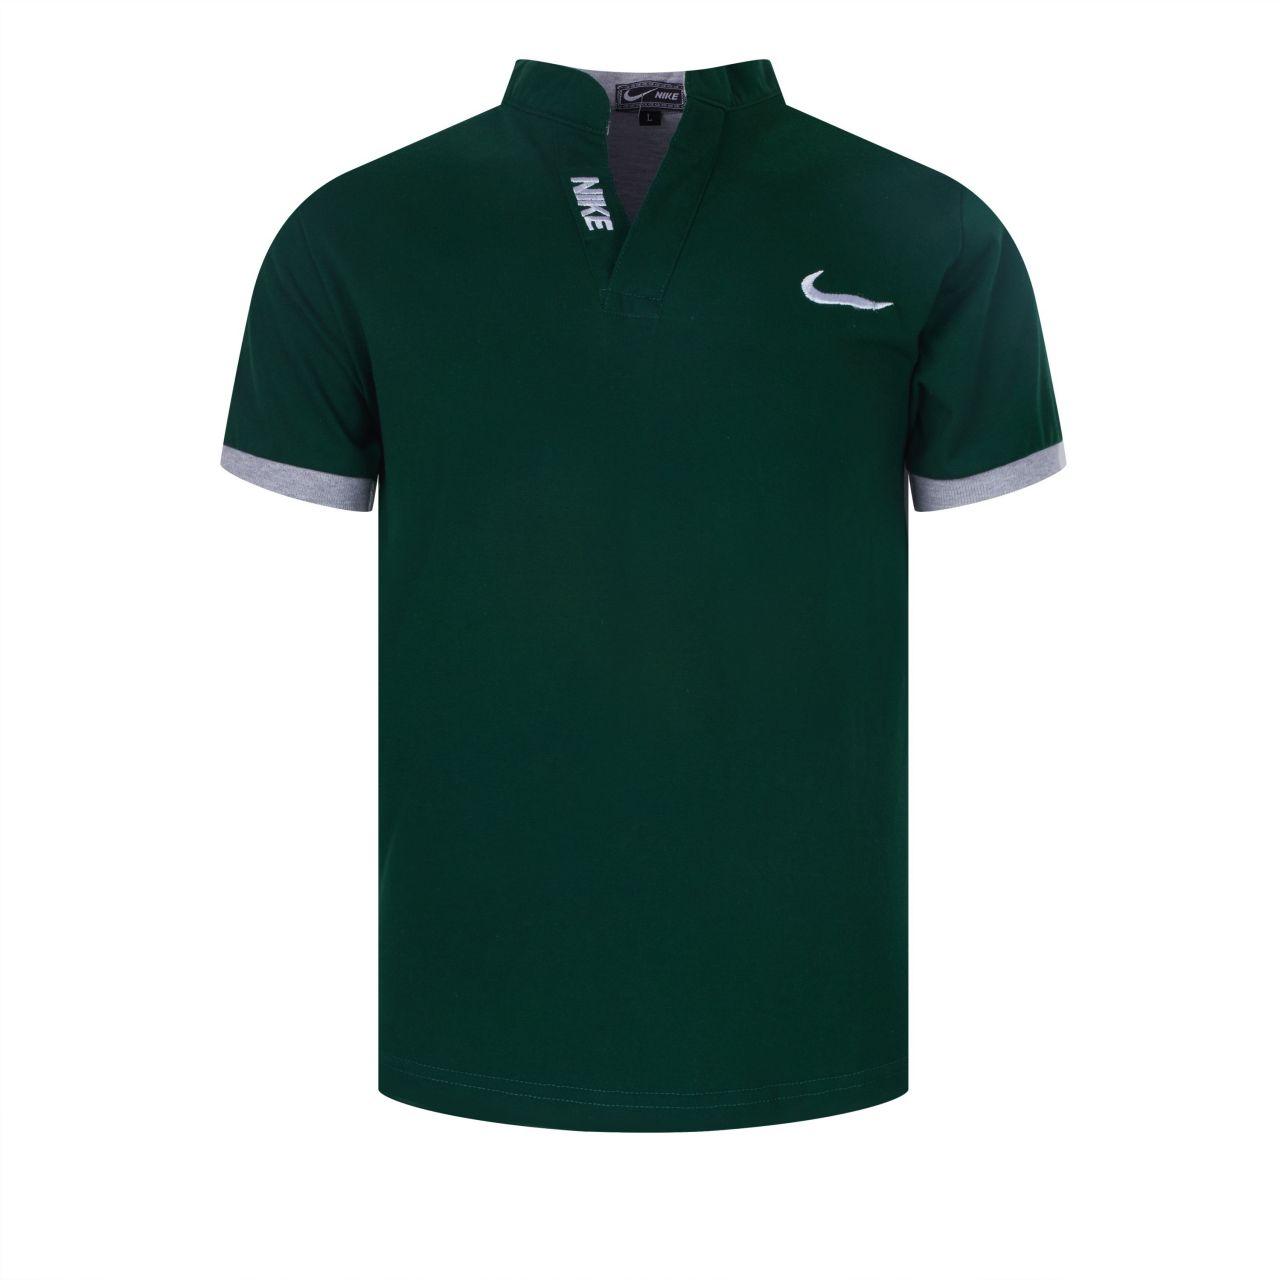 Đồng phục áo thun cổ trụ tay ngắn màu xanh rêu thêu logo NIKE